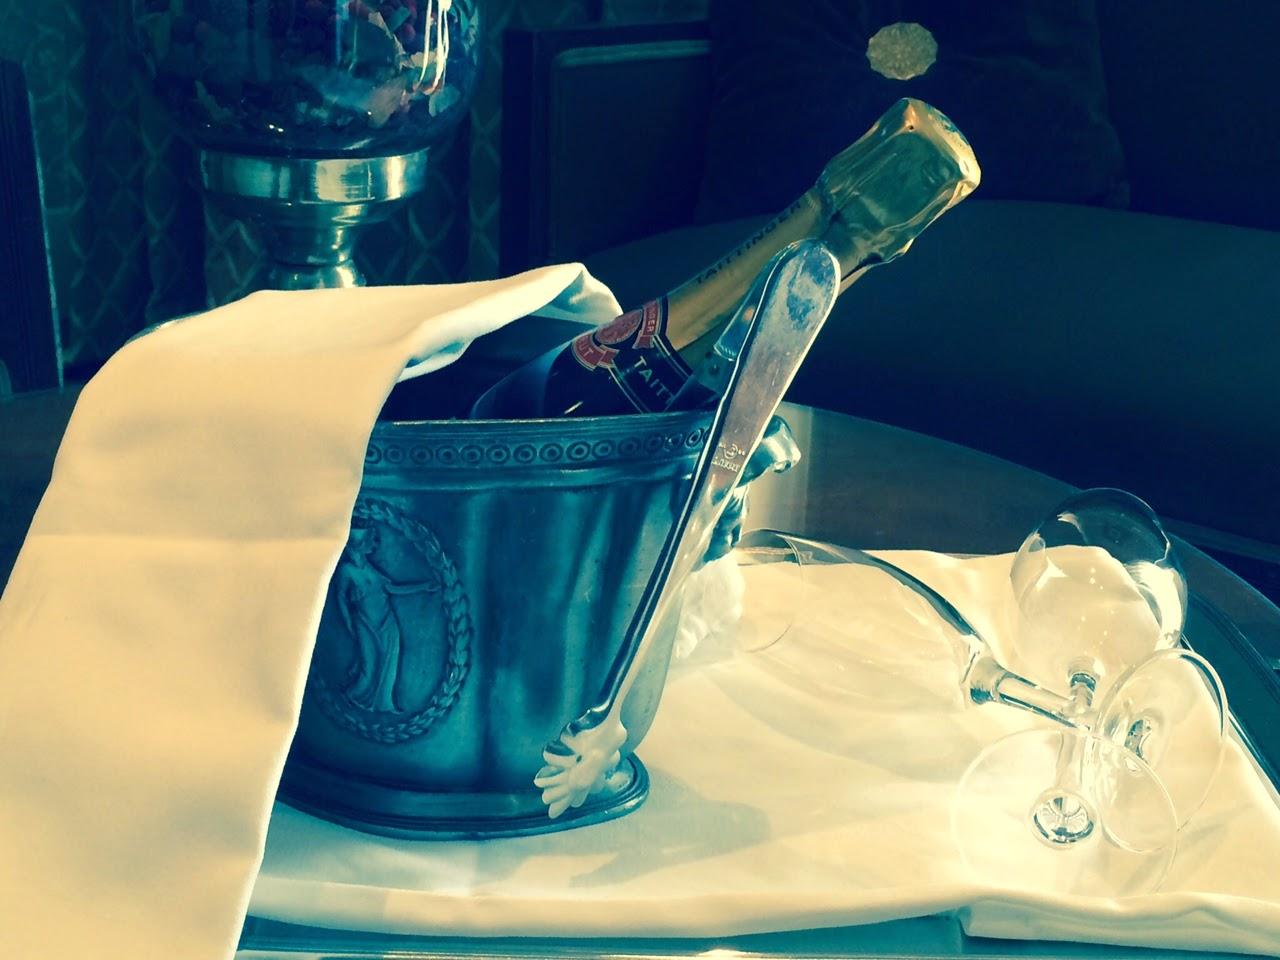 Un fin de semana rom ntico en la perla gran hotel la perla - Un fin de semana romantico ...